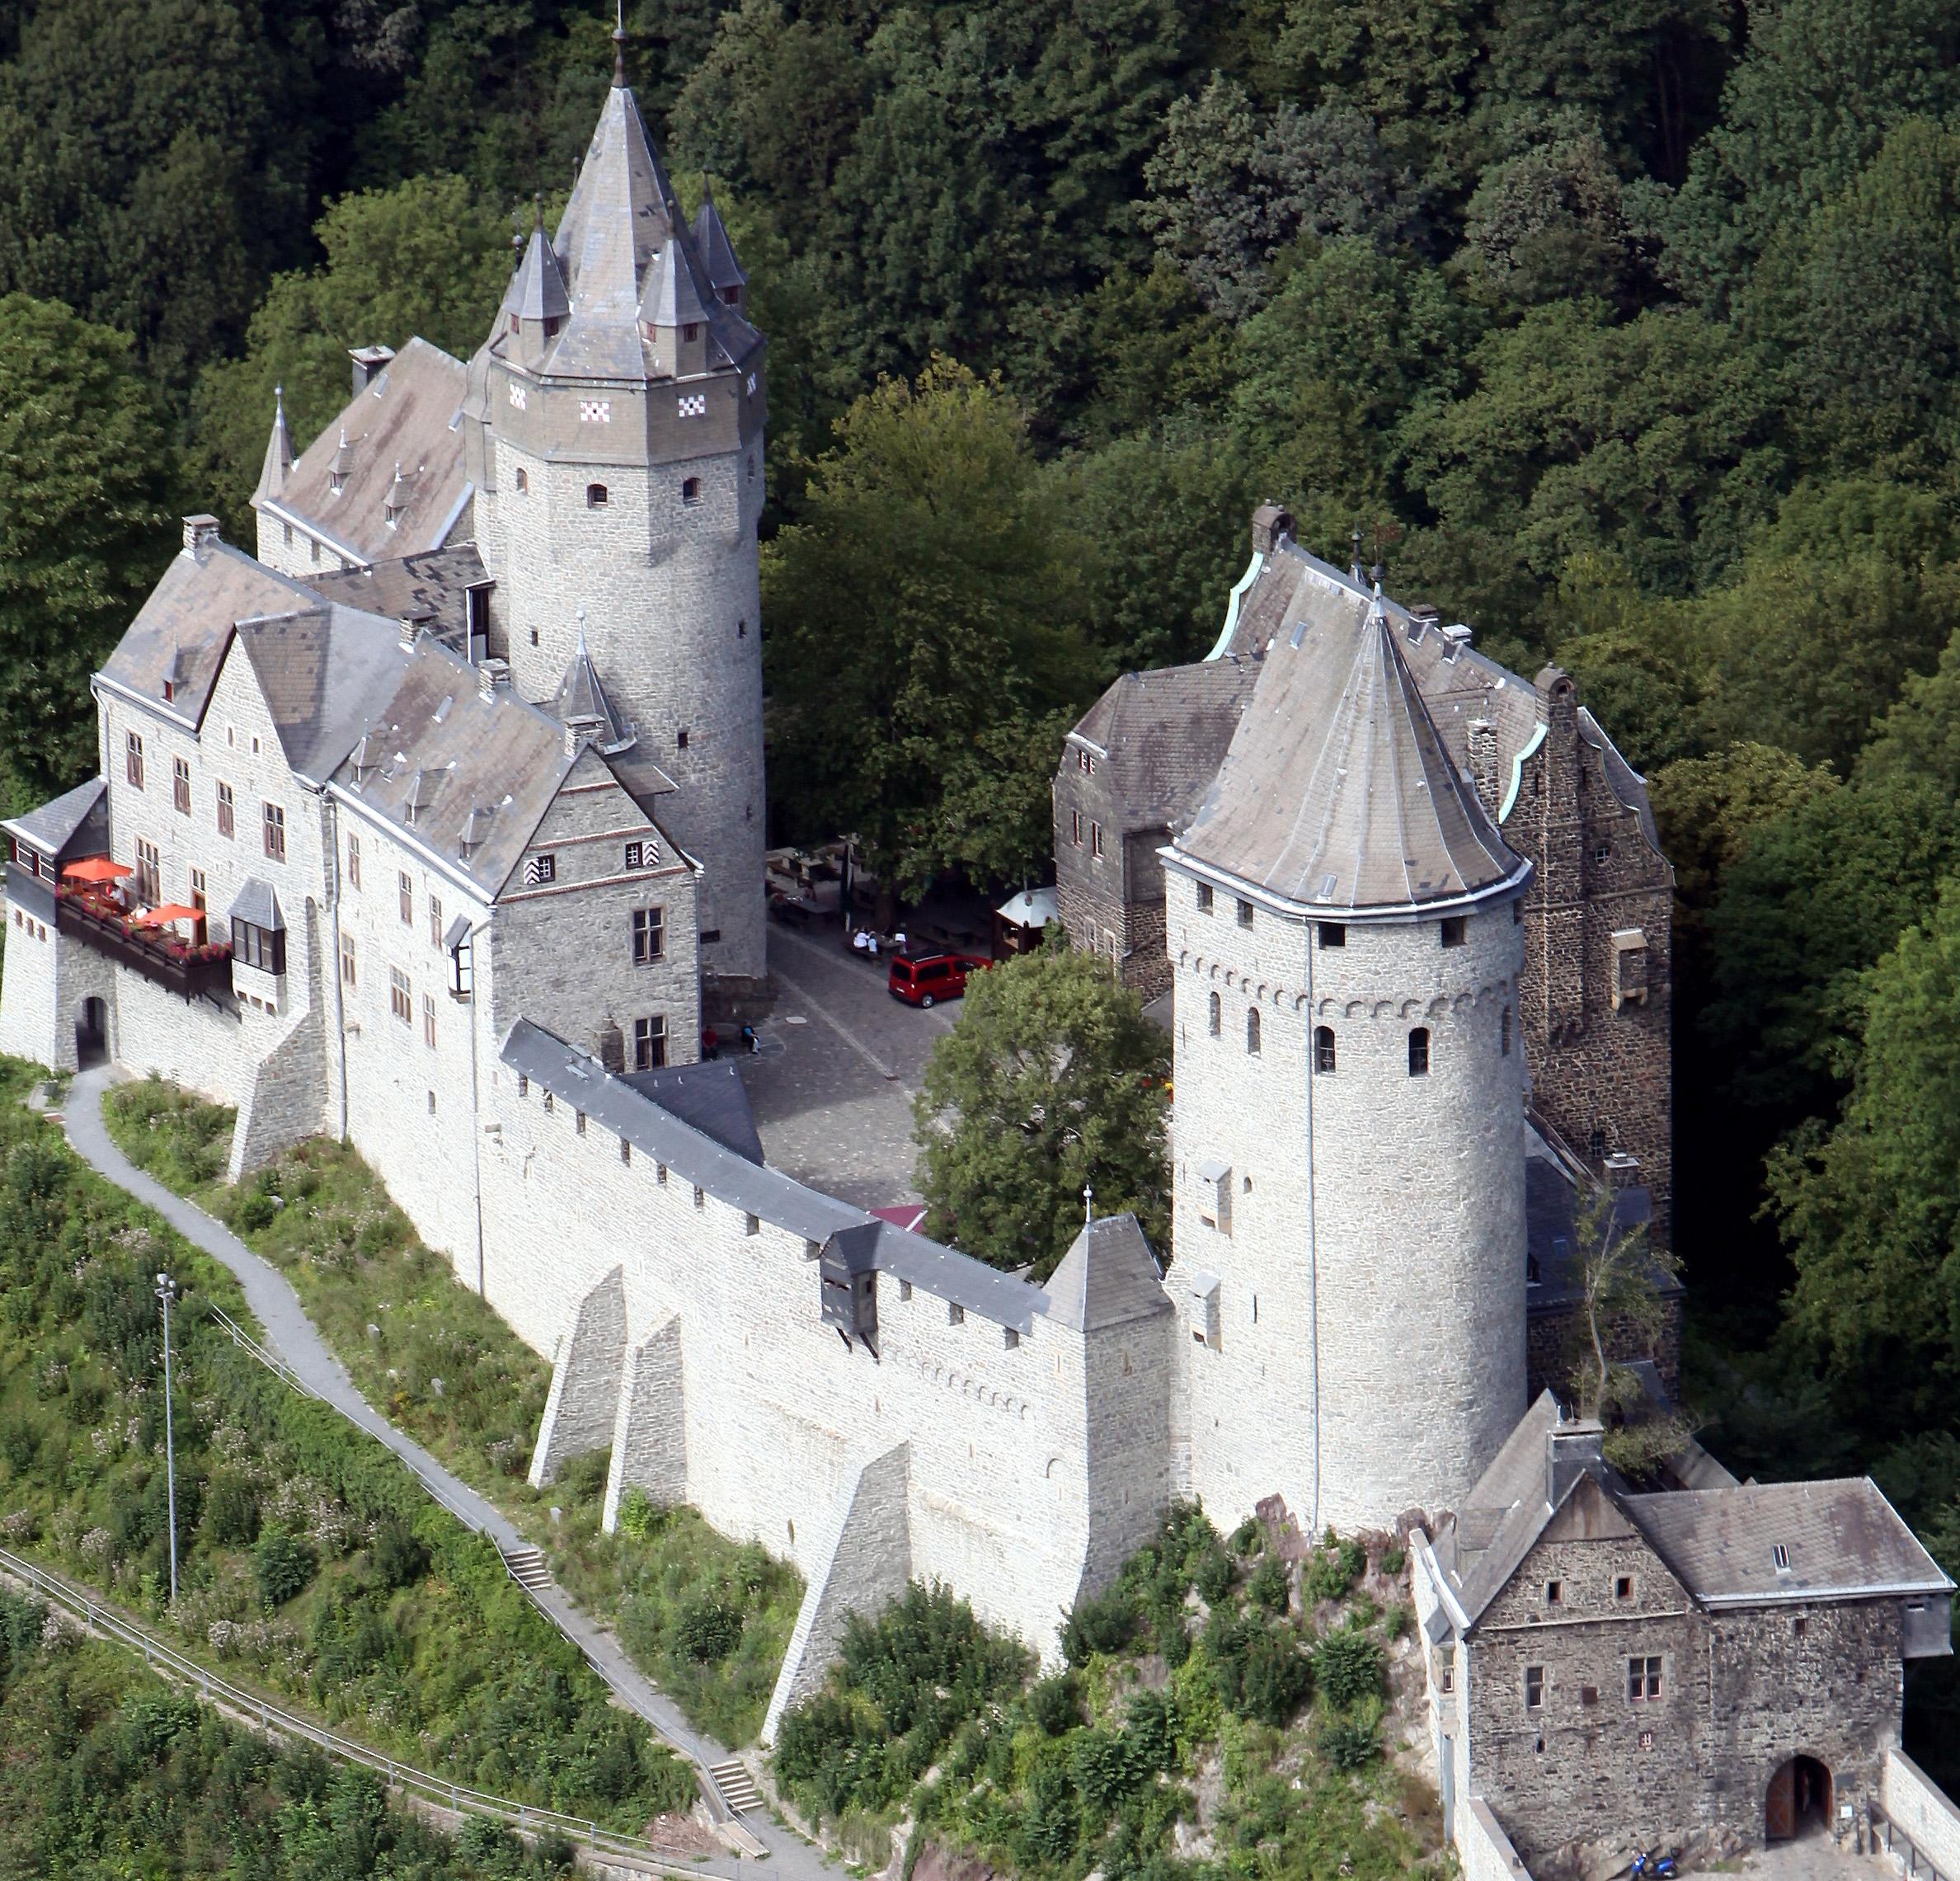 Luftbild der Burg Altena